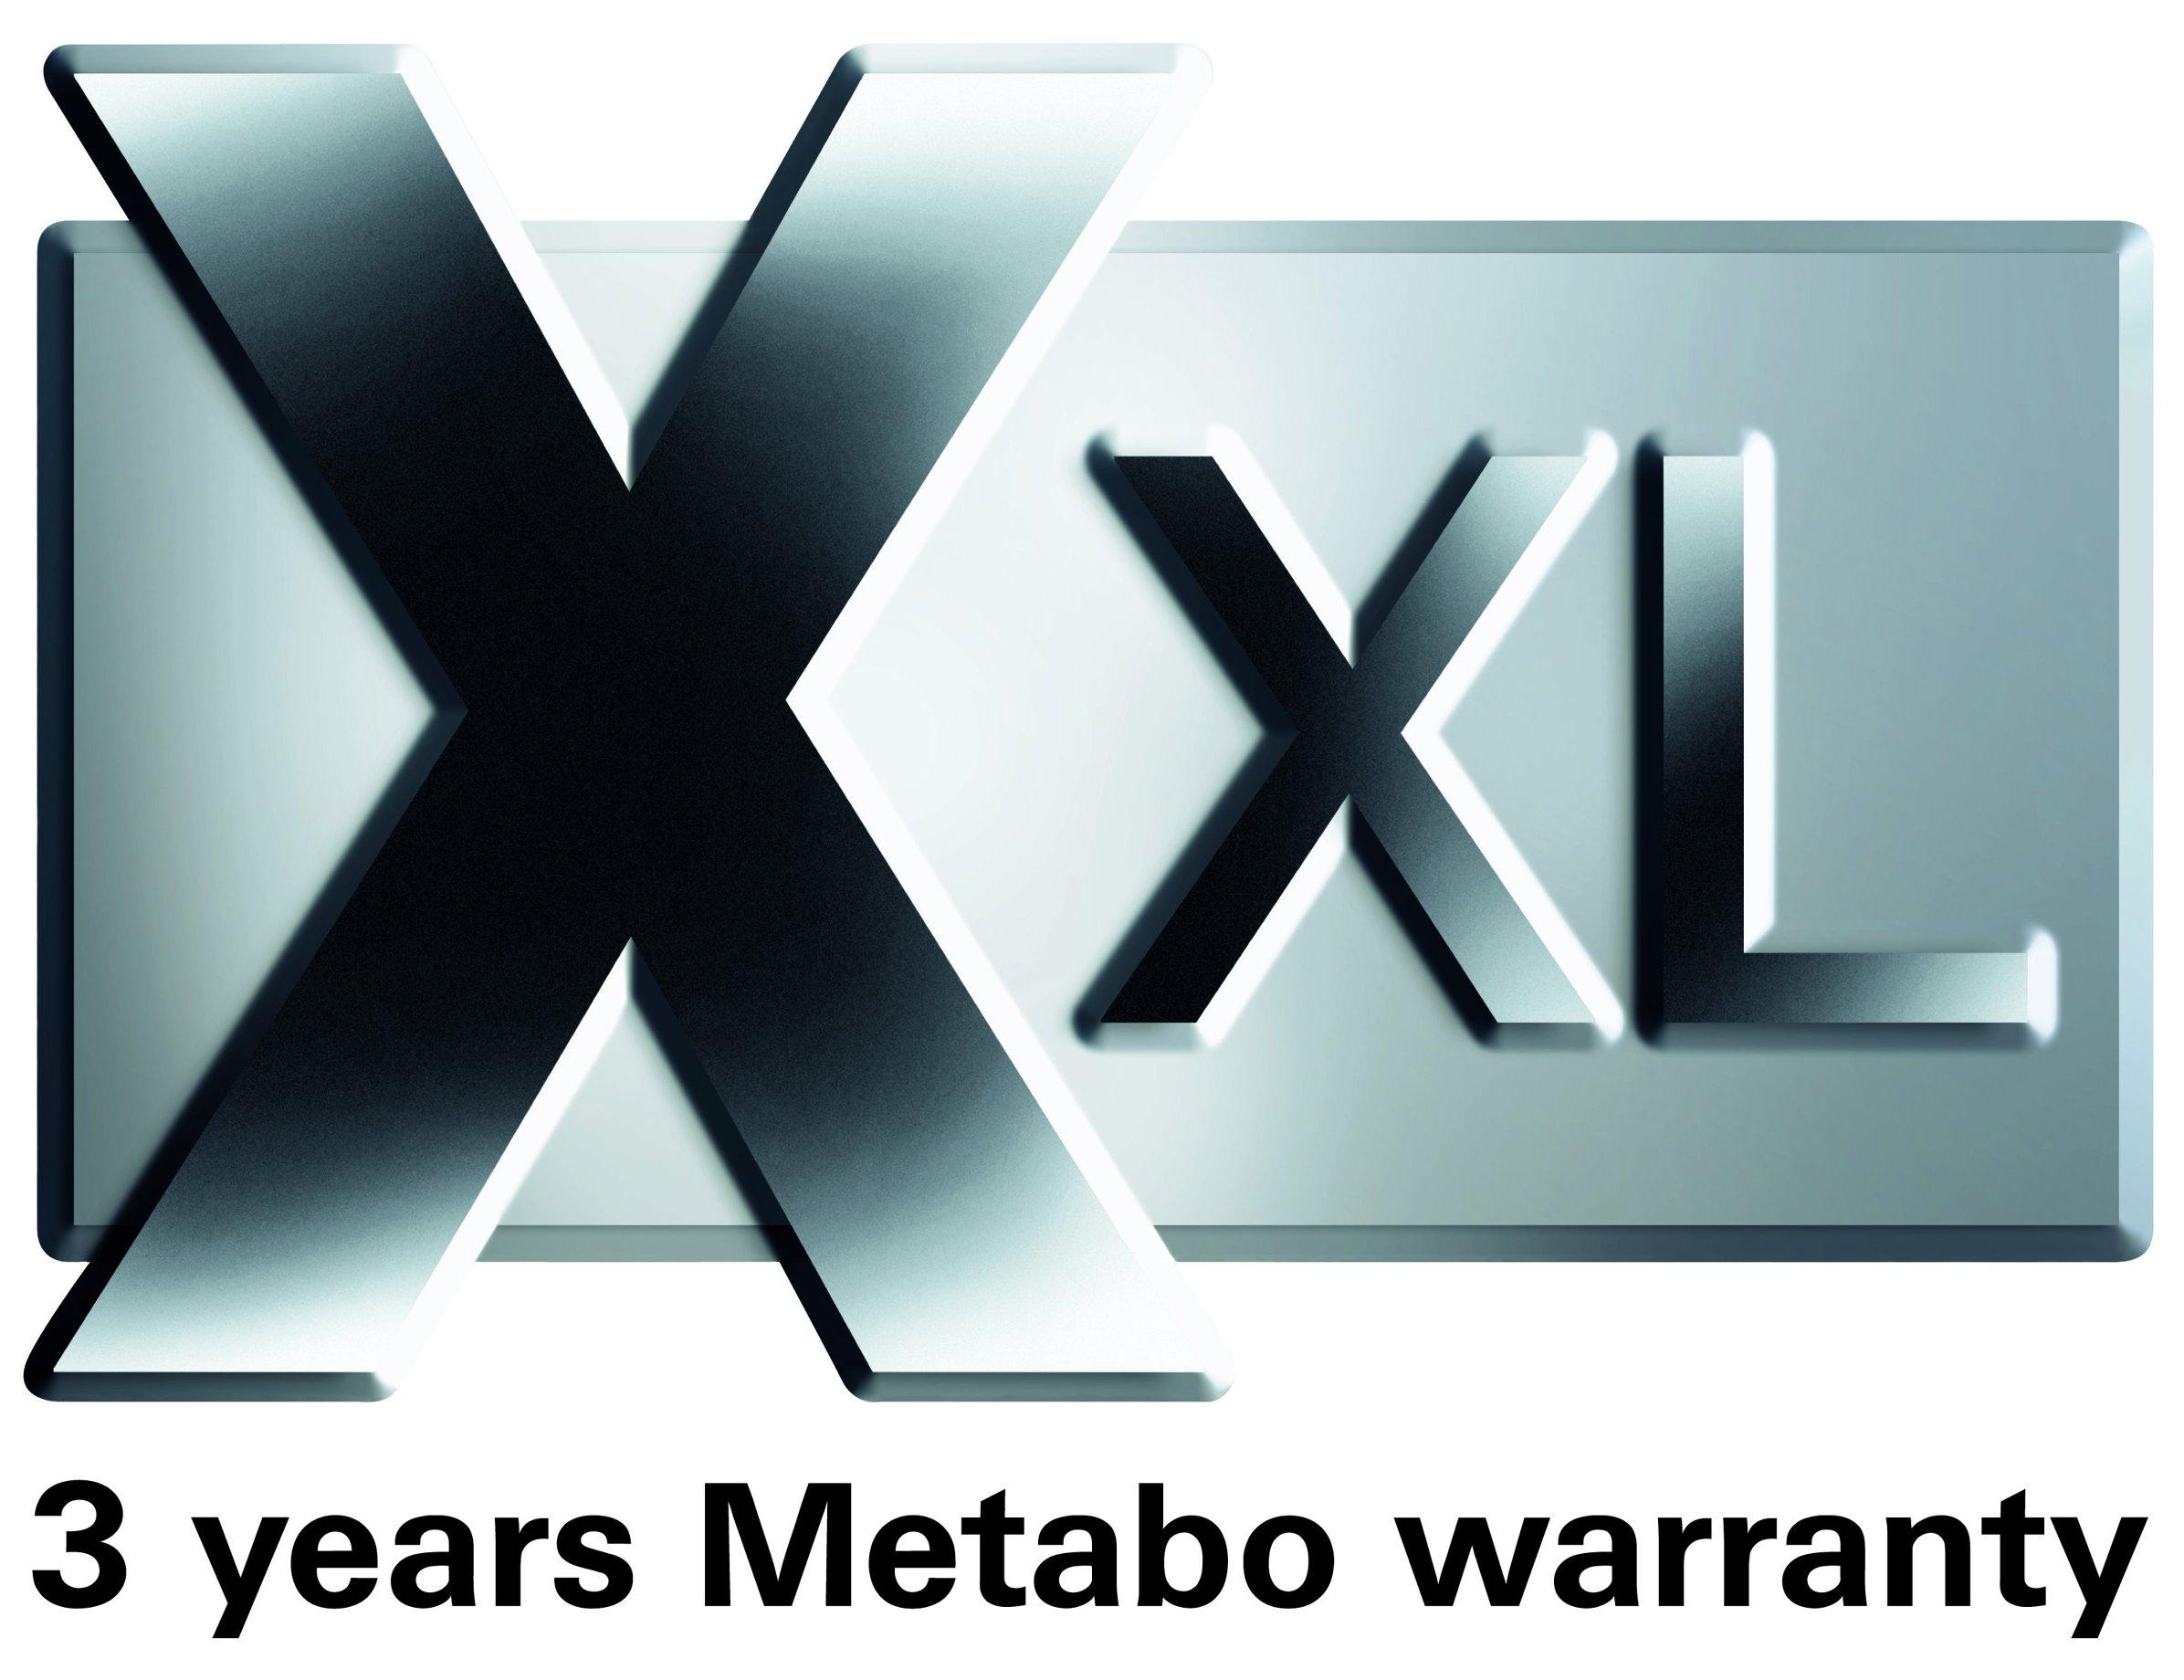 Metabo – získajte tretí rok záruky navyše a úplne zadarmo!